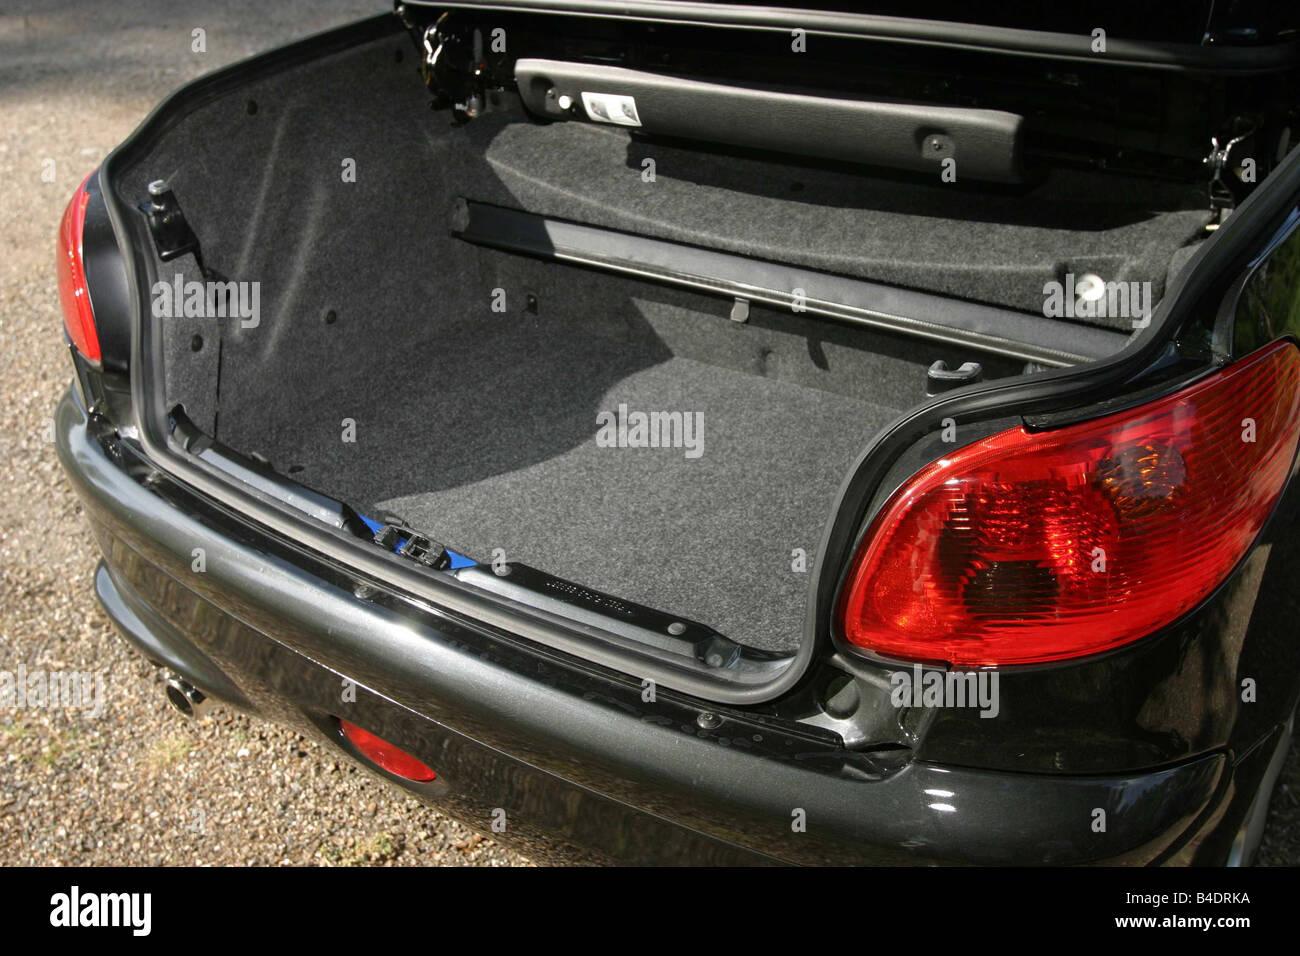 Voiture, Peugeot 206 CC, cabriolet, modèle année 2000,, noir, dessus  ouvert, voir dans le sabot, la technique/accessoire, accessoires